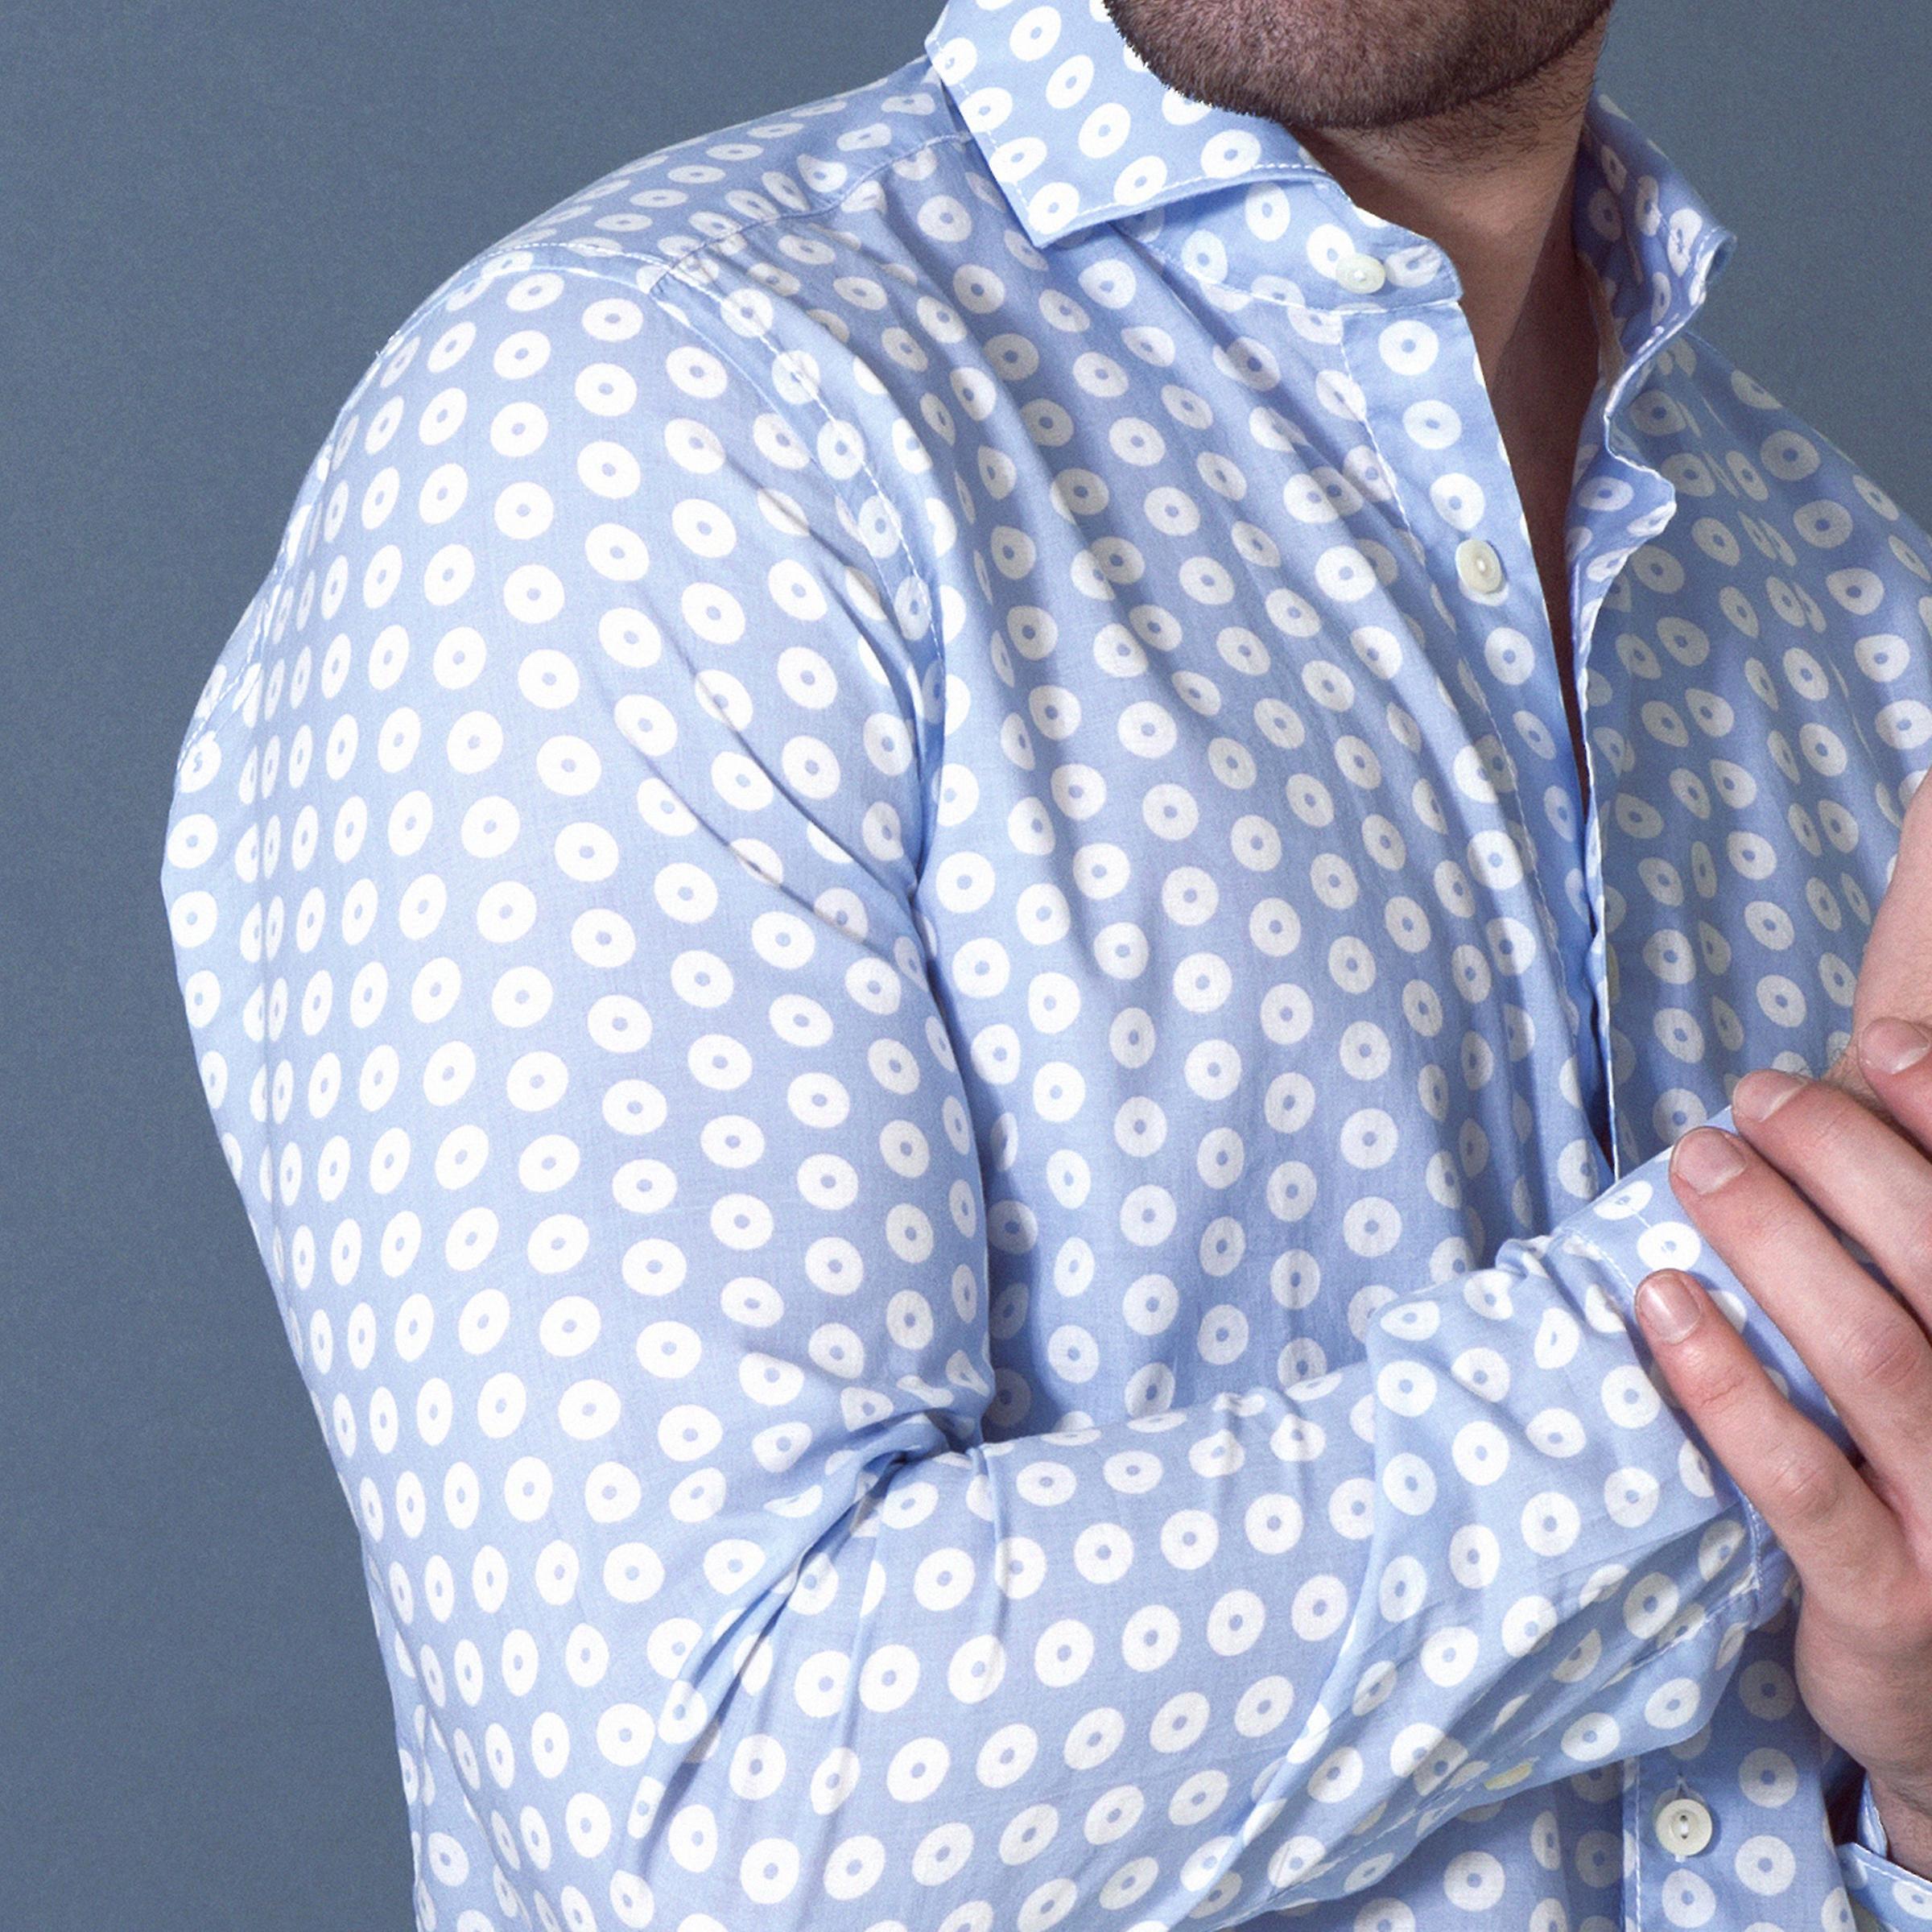 Fabio Giovanni Montatino Shirt - Mens High Qualität leichte Musselin Baumwollhemd